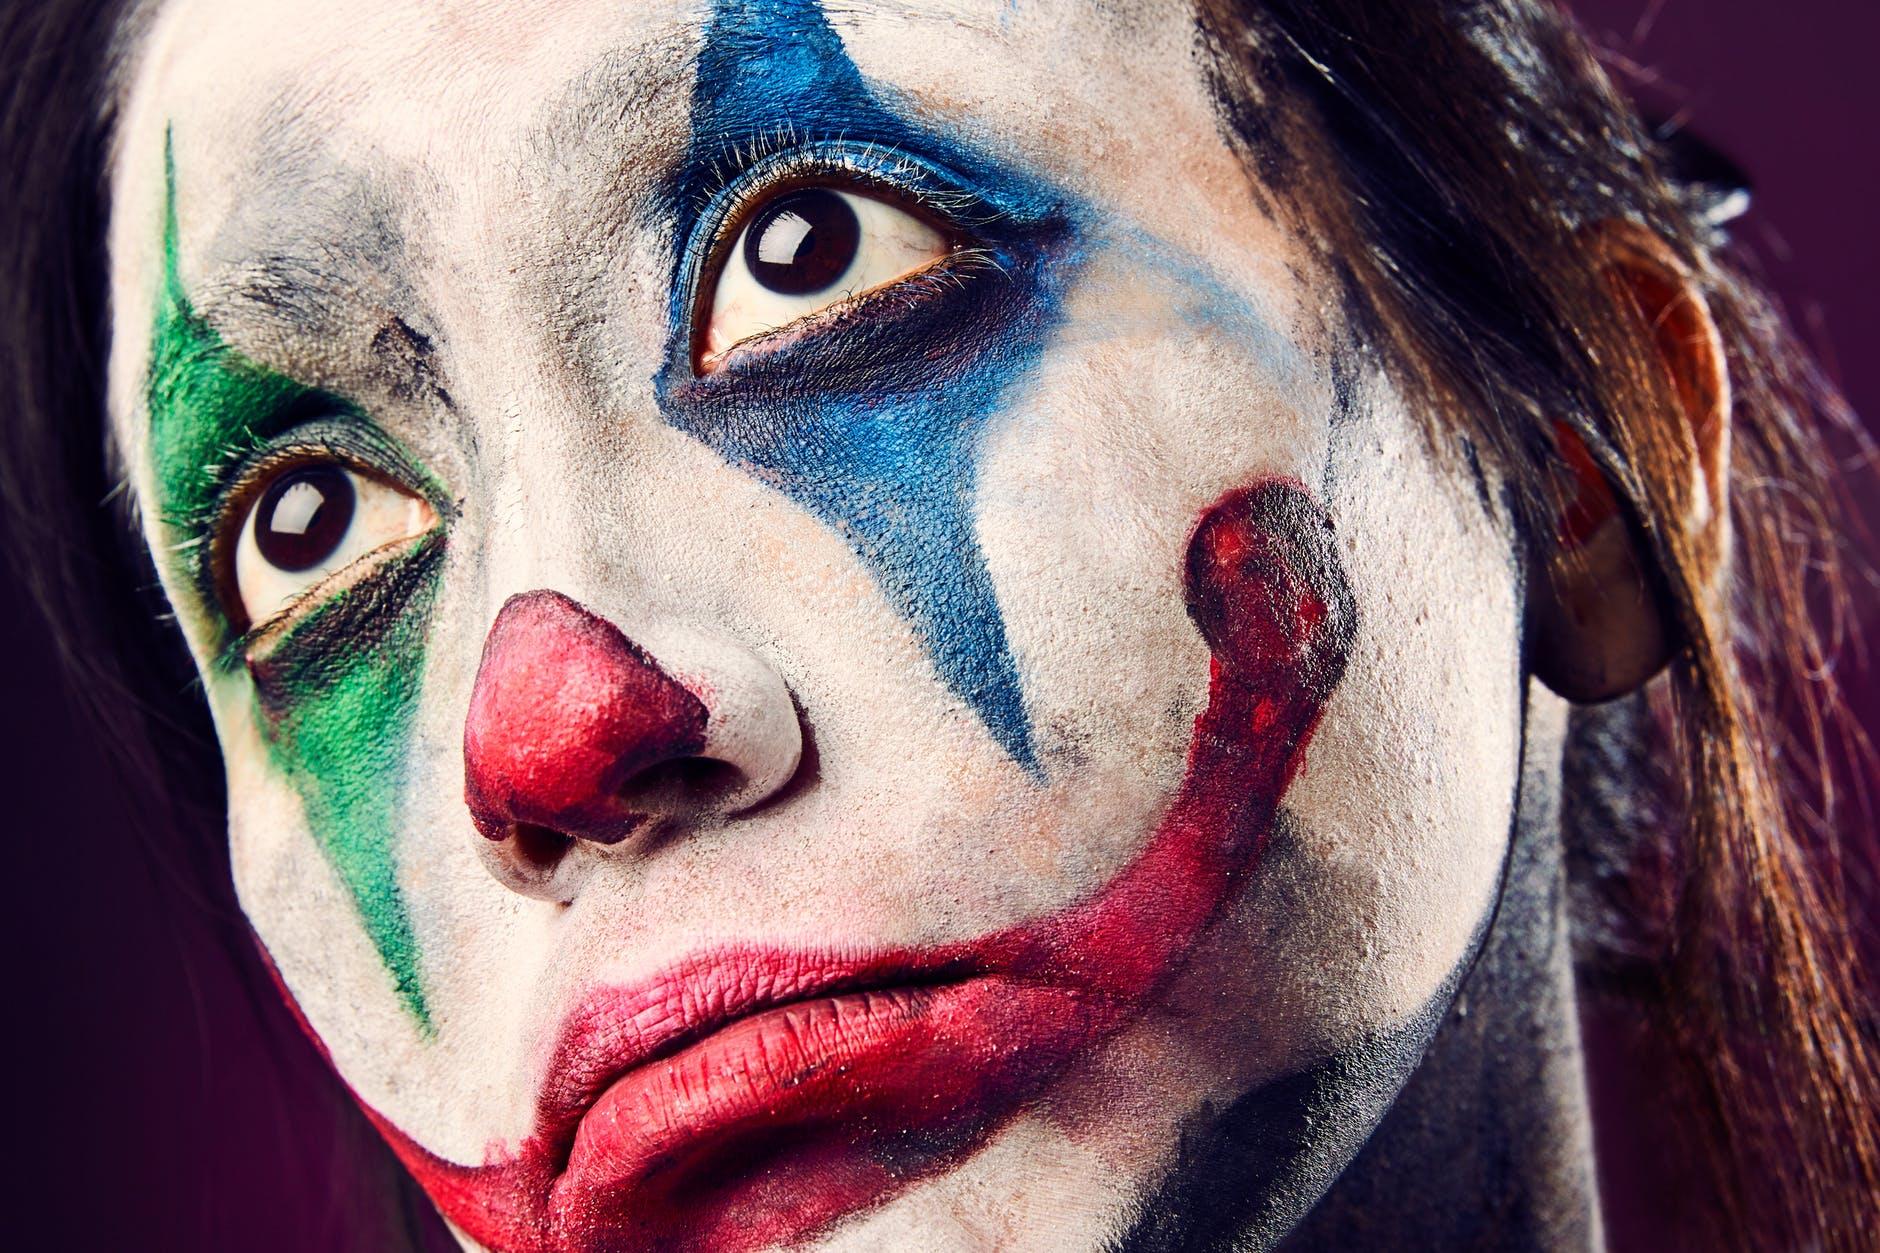 Hypocondriaque : J'ai peur de devenir fou